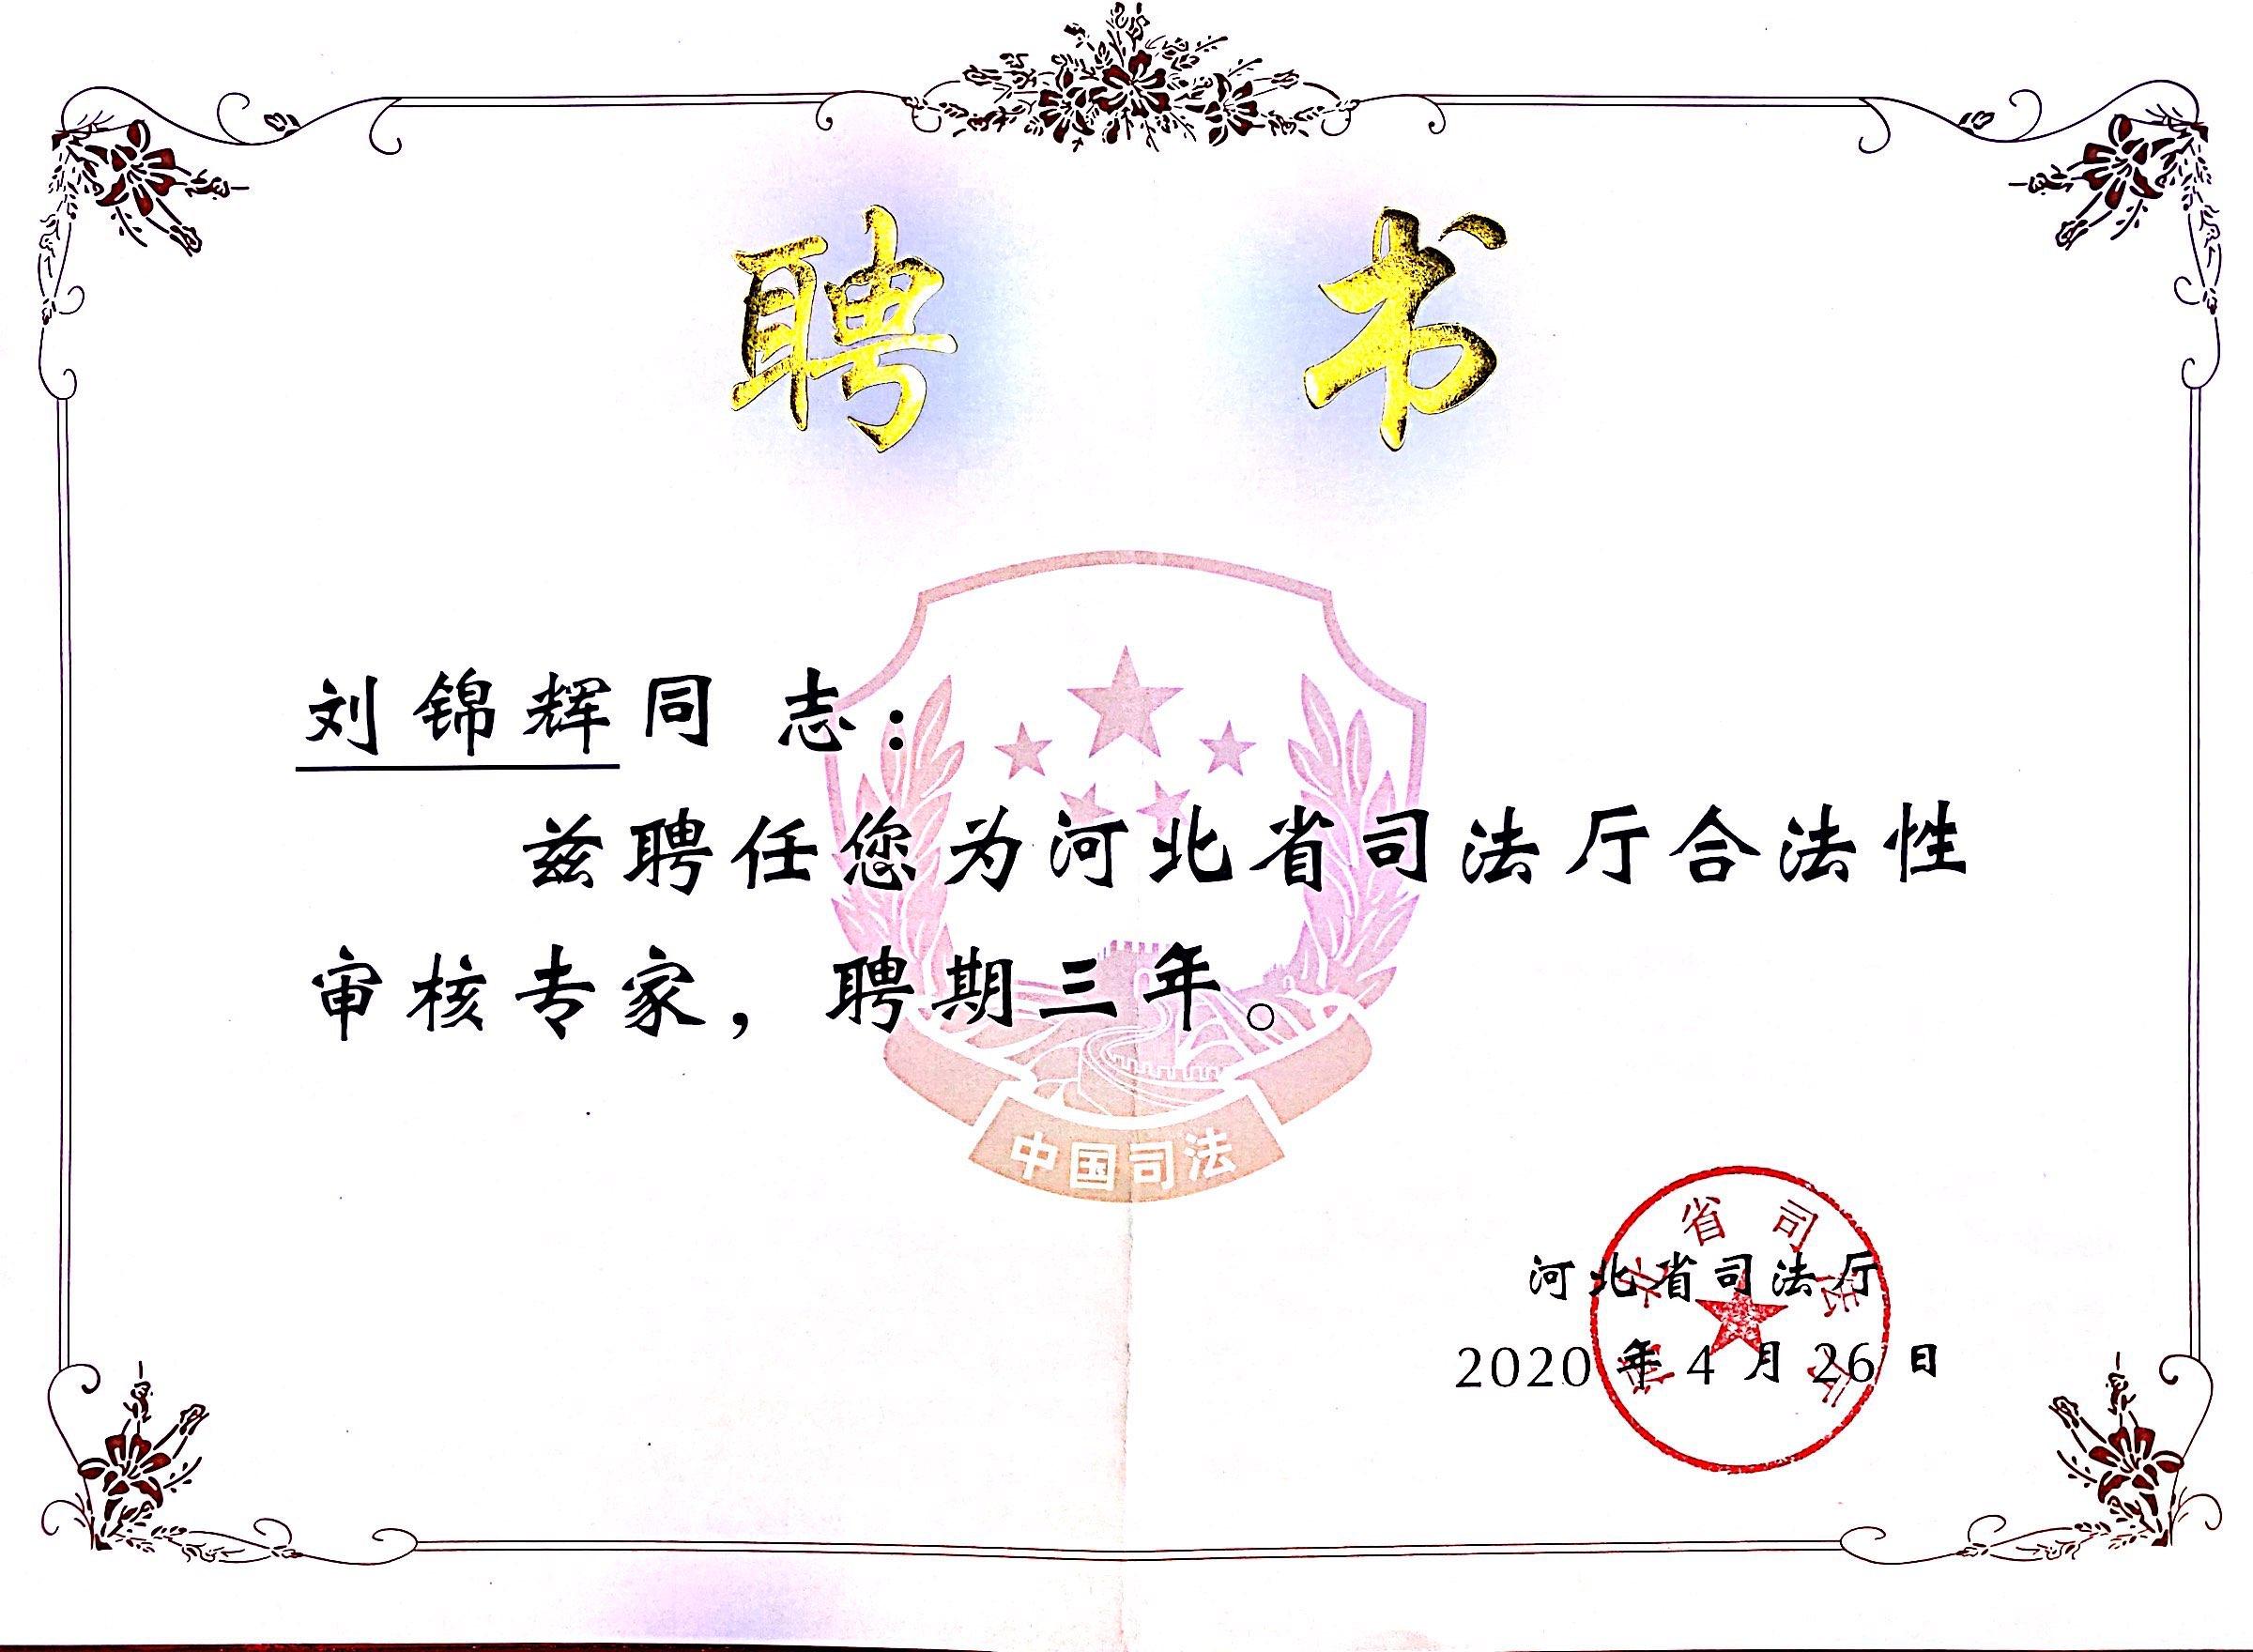 刘锦辉伟德国际1946官方下载入选河北省司法厅合法性审核专家组